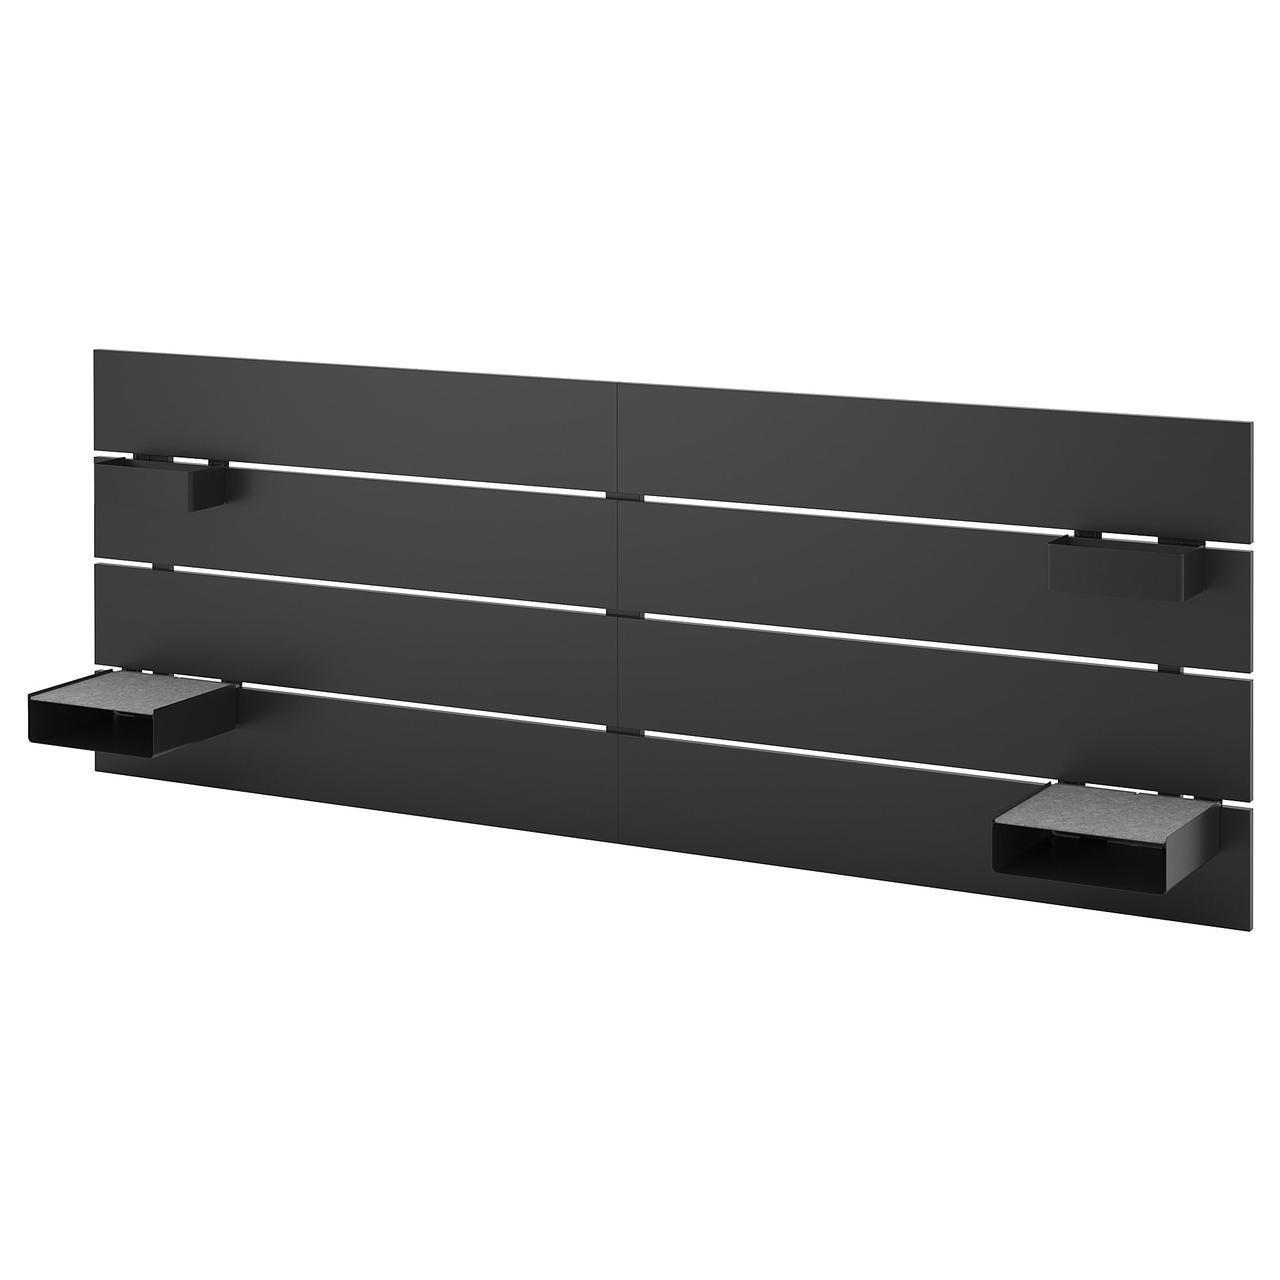 Изголовье кровати IKEA NORDLI антрацит 903.729.77